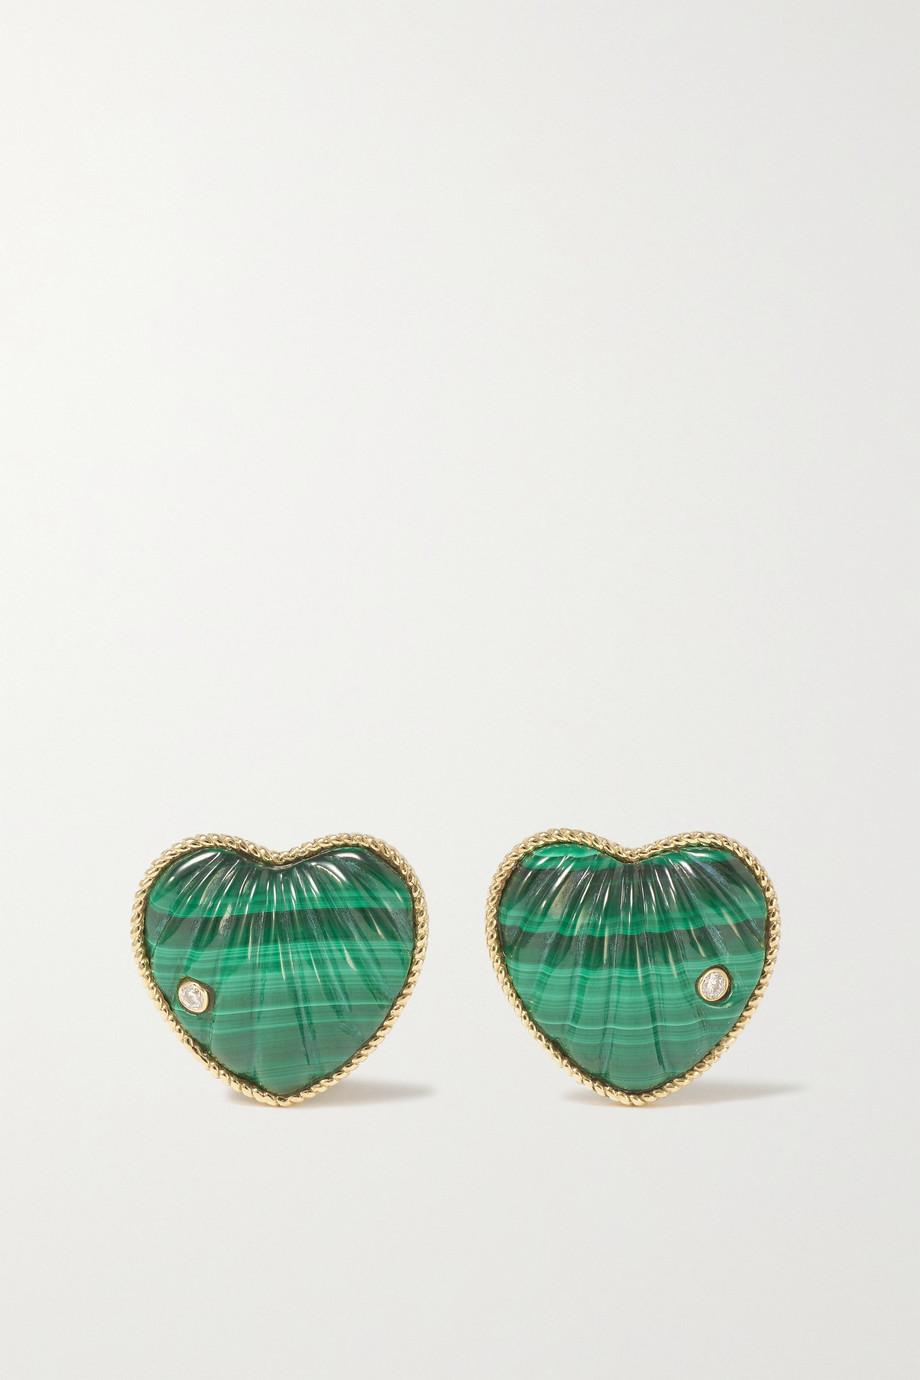 Yvonne Léon 9-karat gold, malachite and diamond earrings